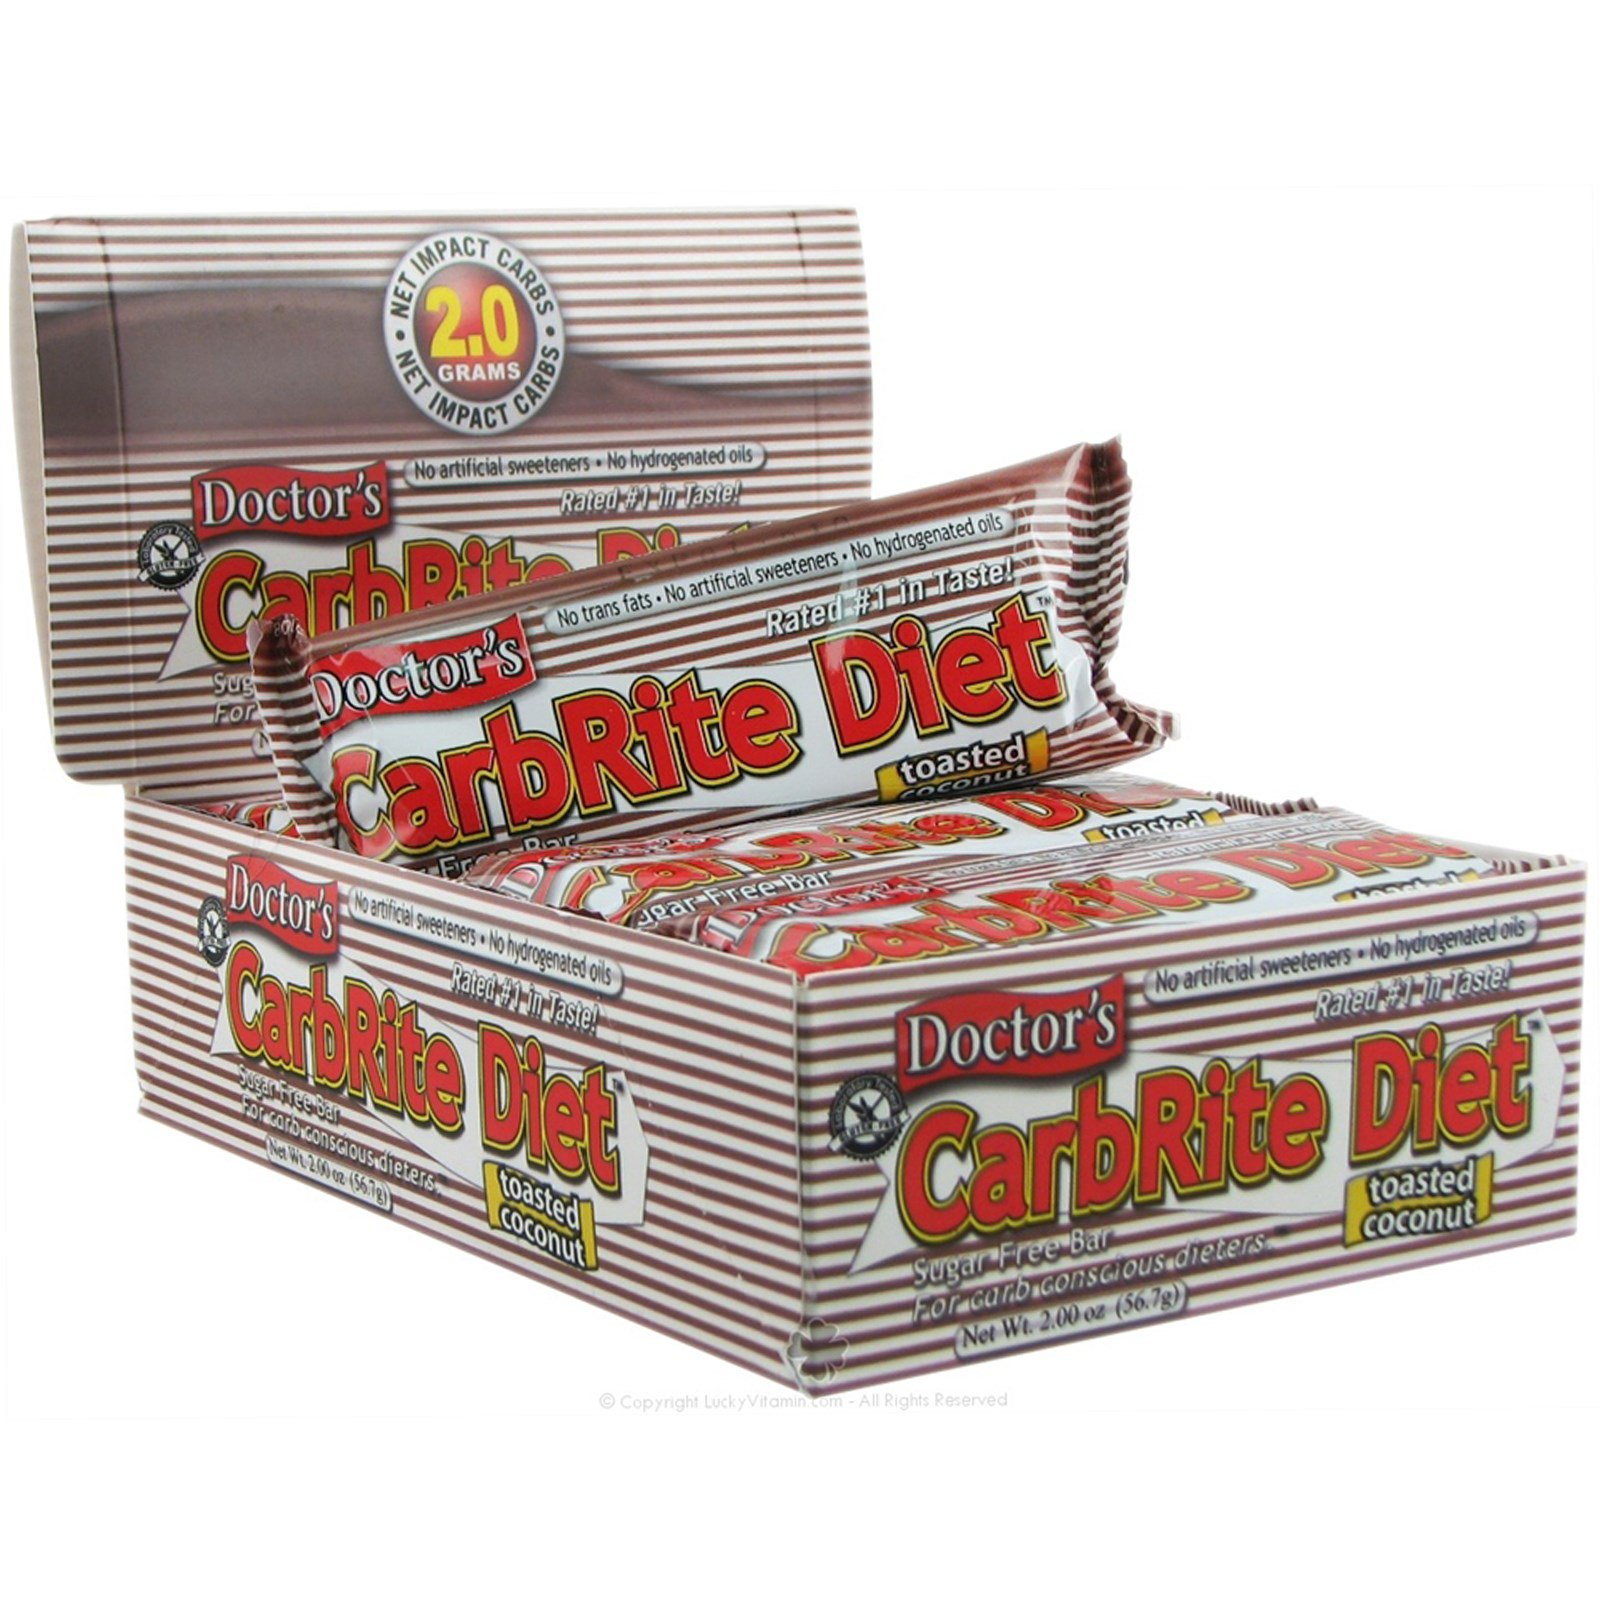 Universal Nutrition, Диетические батончики без сахара с обжаренным кокосом Doctor's CarbRite, 12 батончиков, 2 унции (56,7 г) каждый